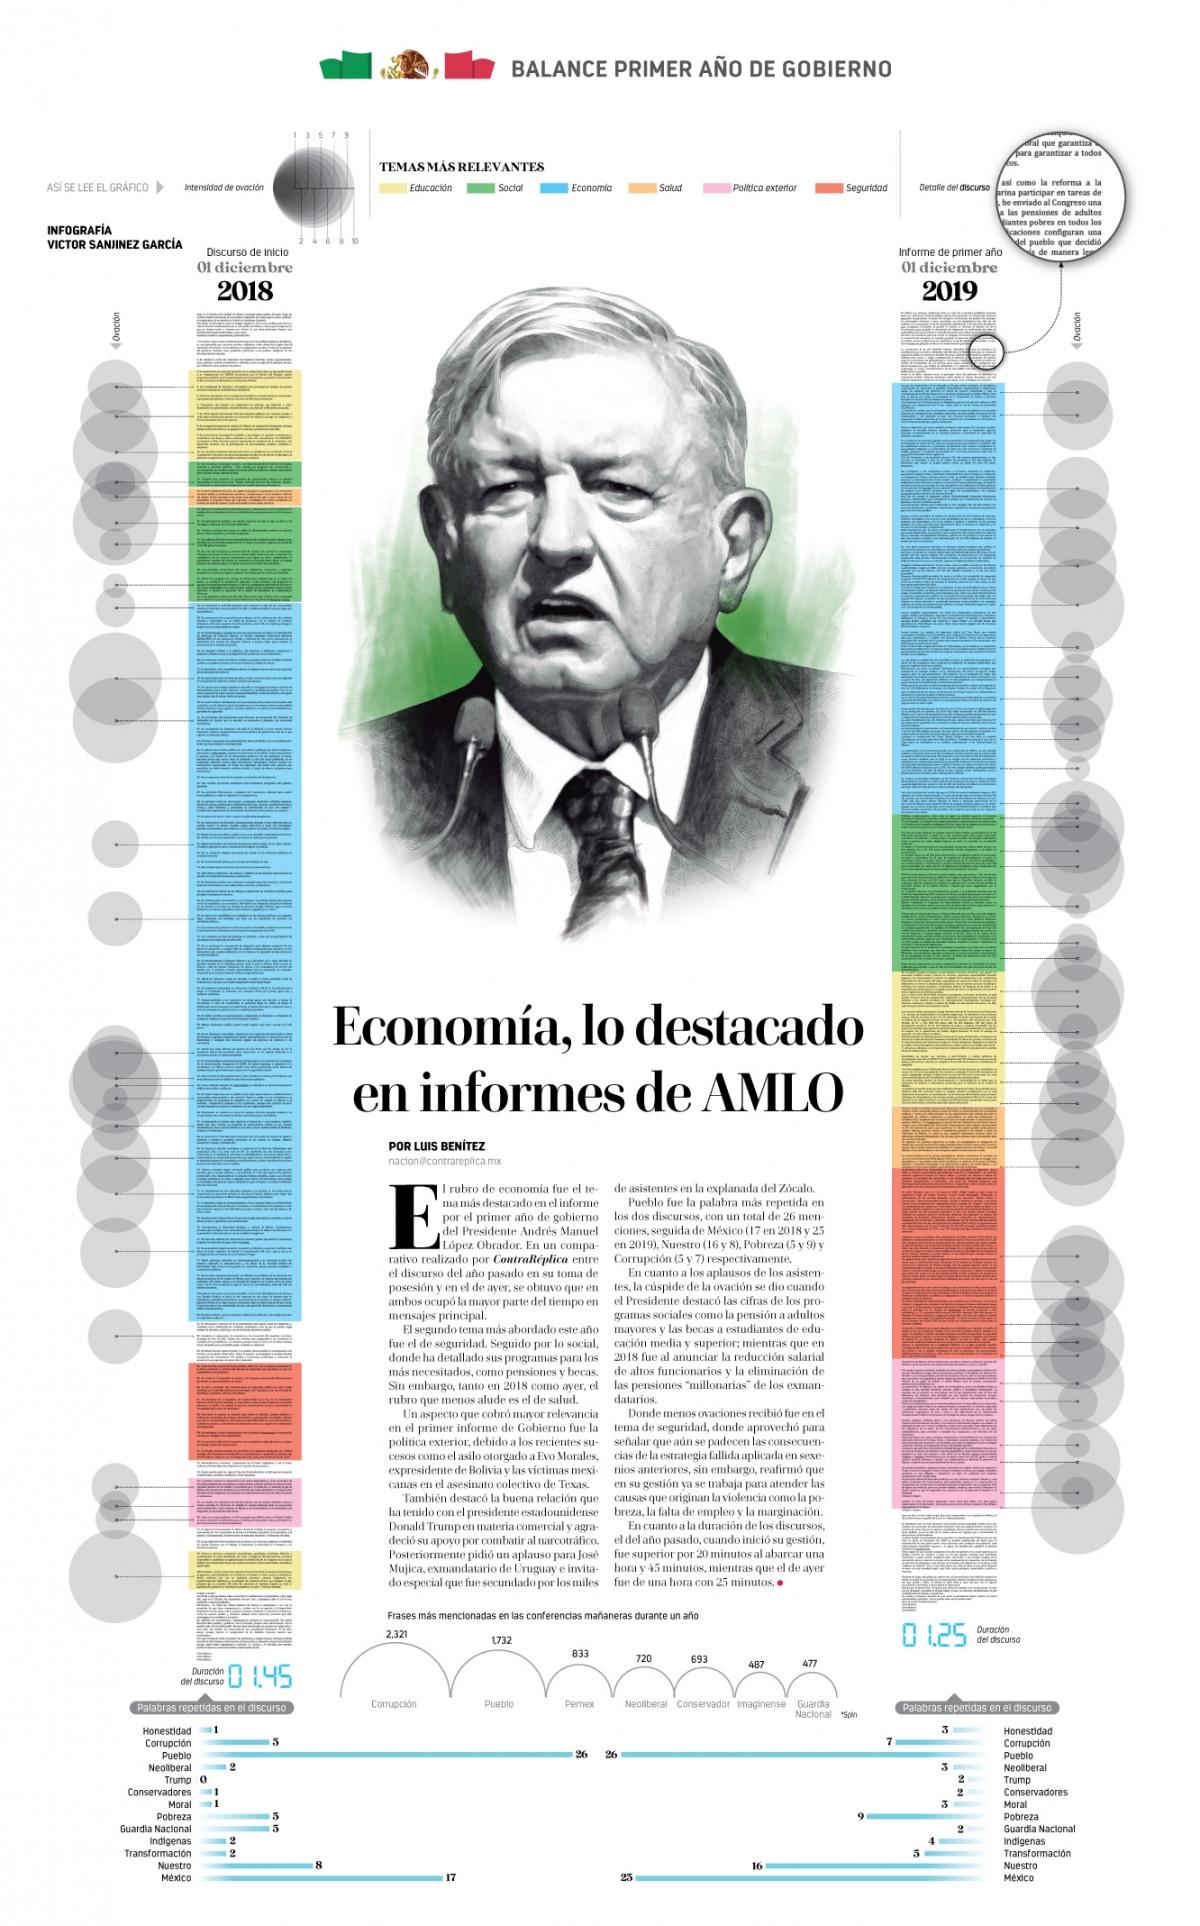 Economía, lo destacado en informes de AMLO